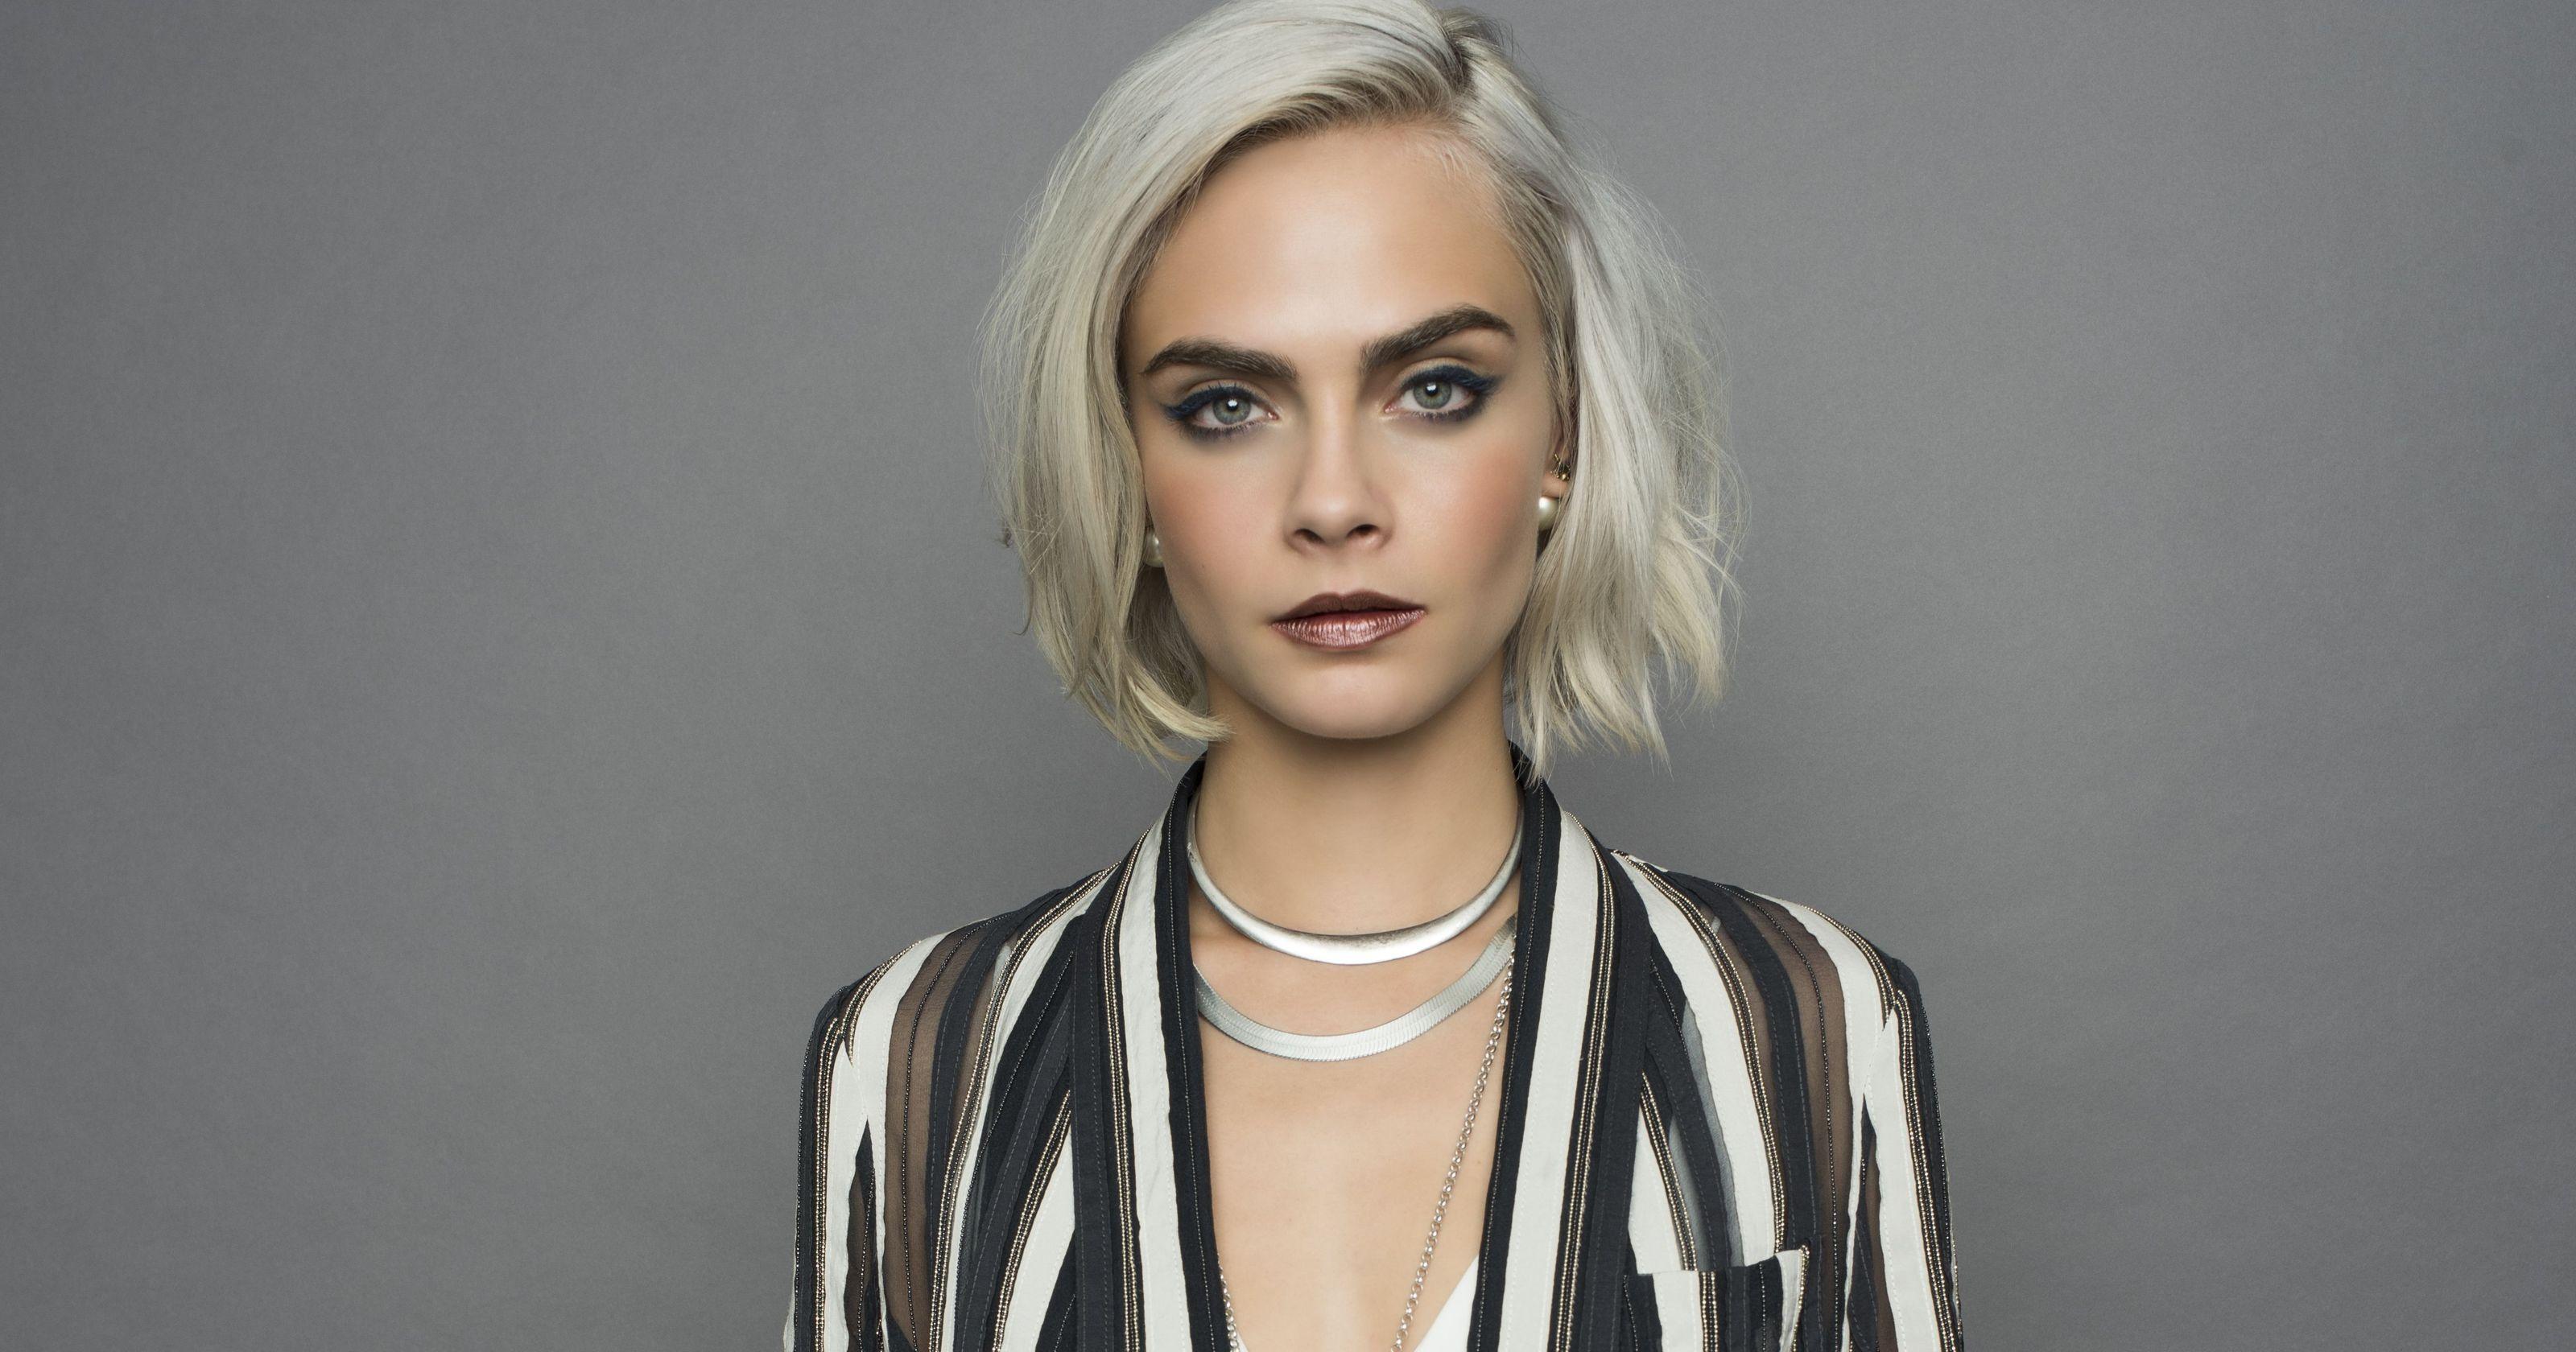 Кара Делевинь снялась в новой модной кампании